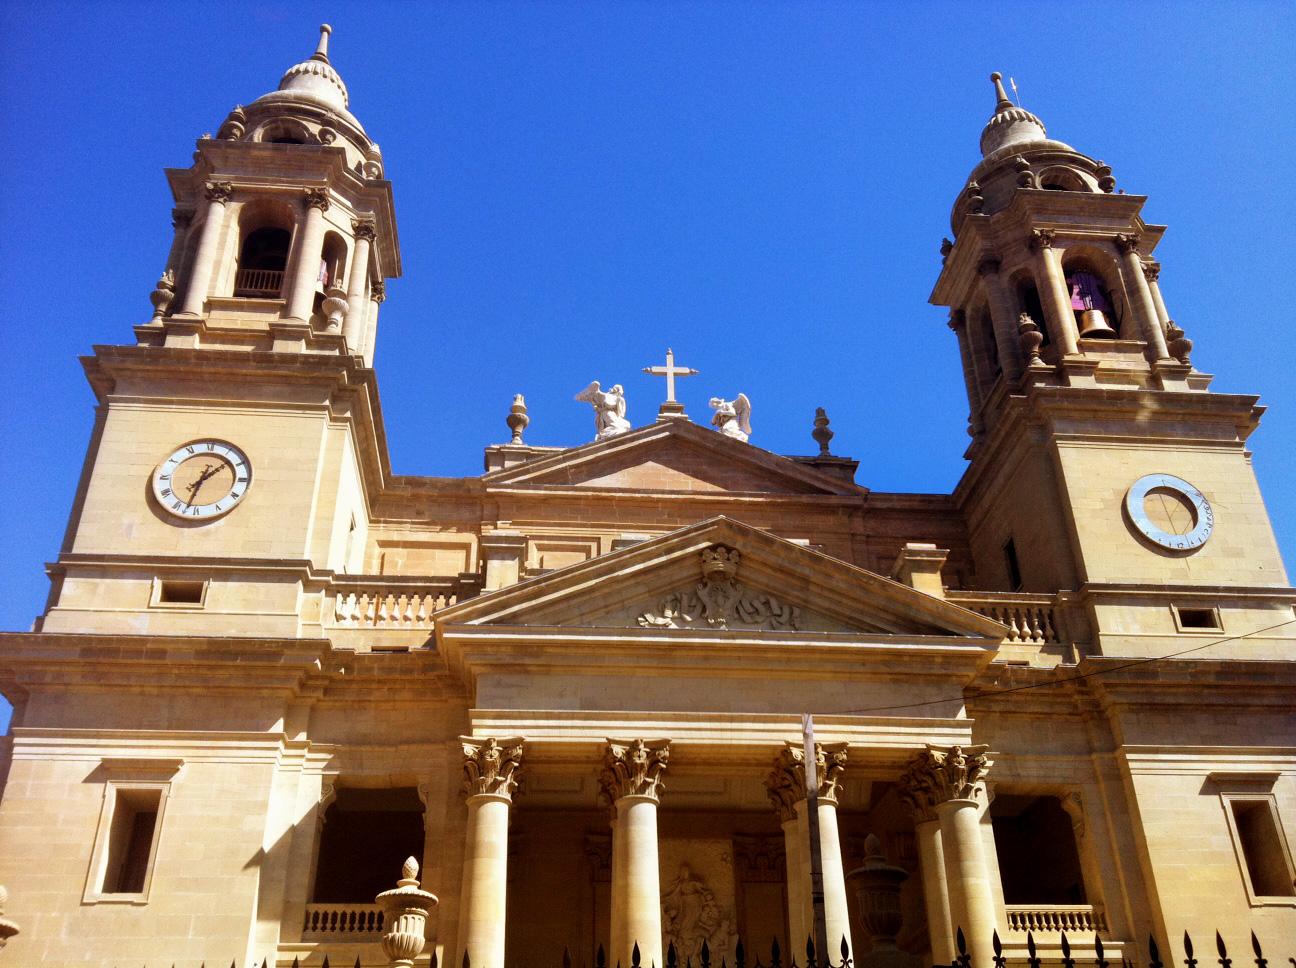 File:Fachada catedral pamplona restaurada.jpg - Wikimedia Commons